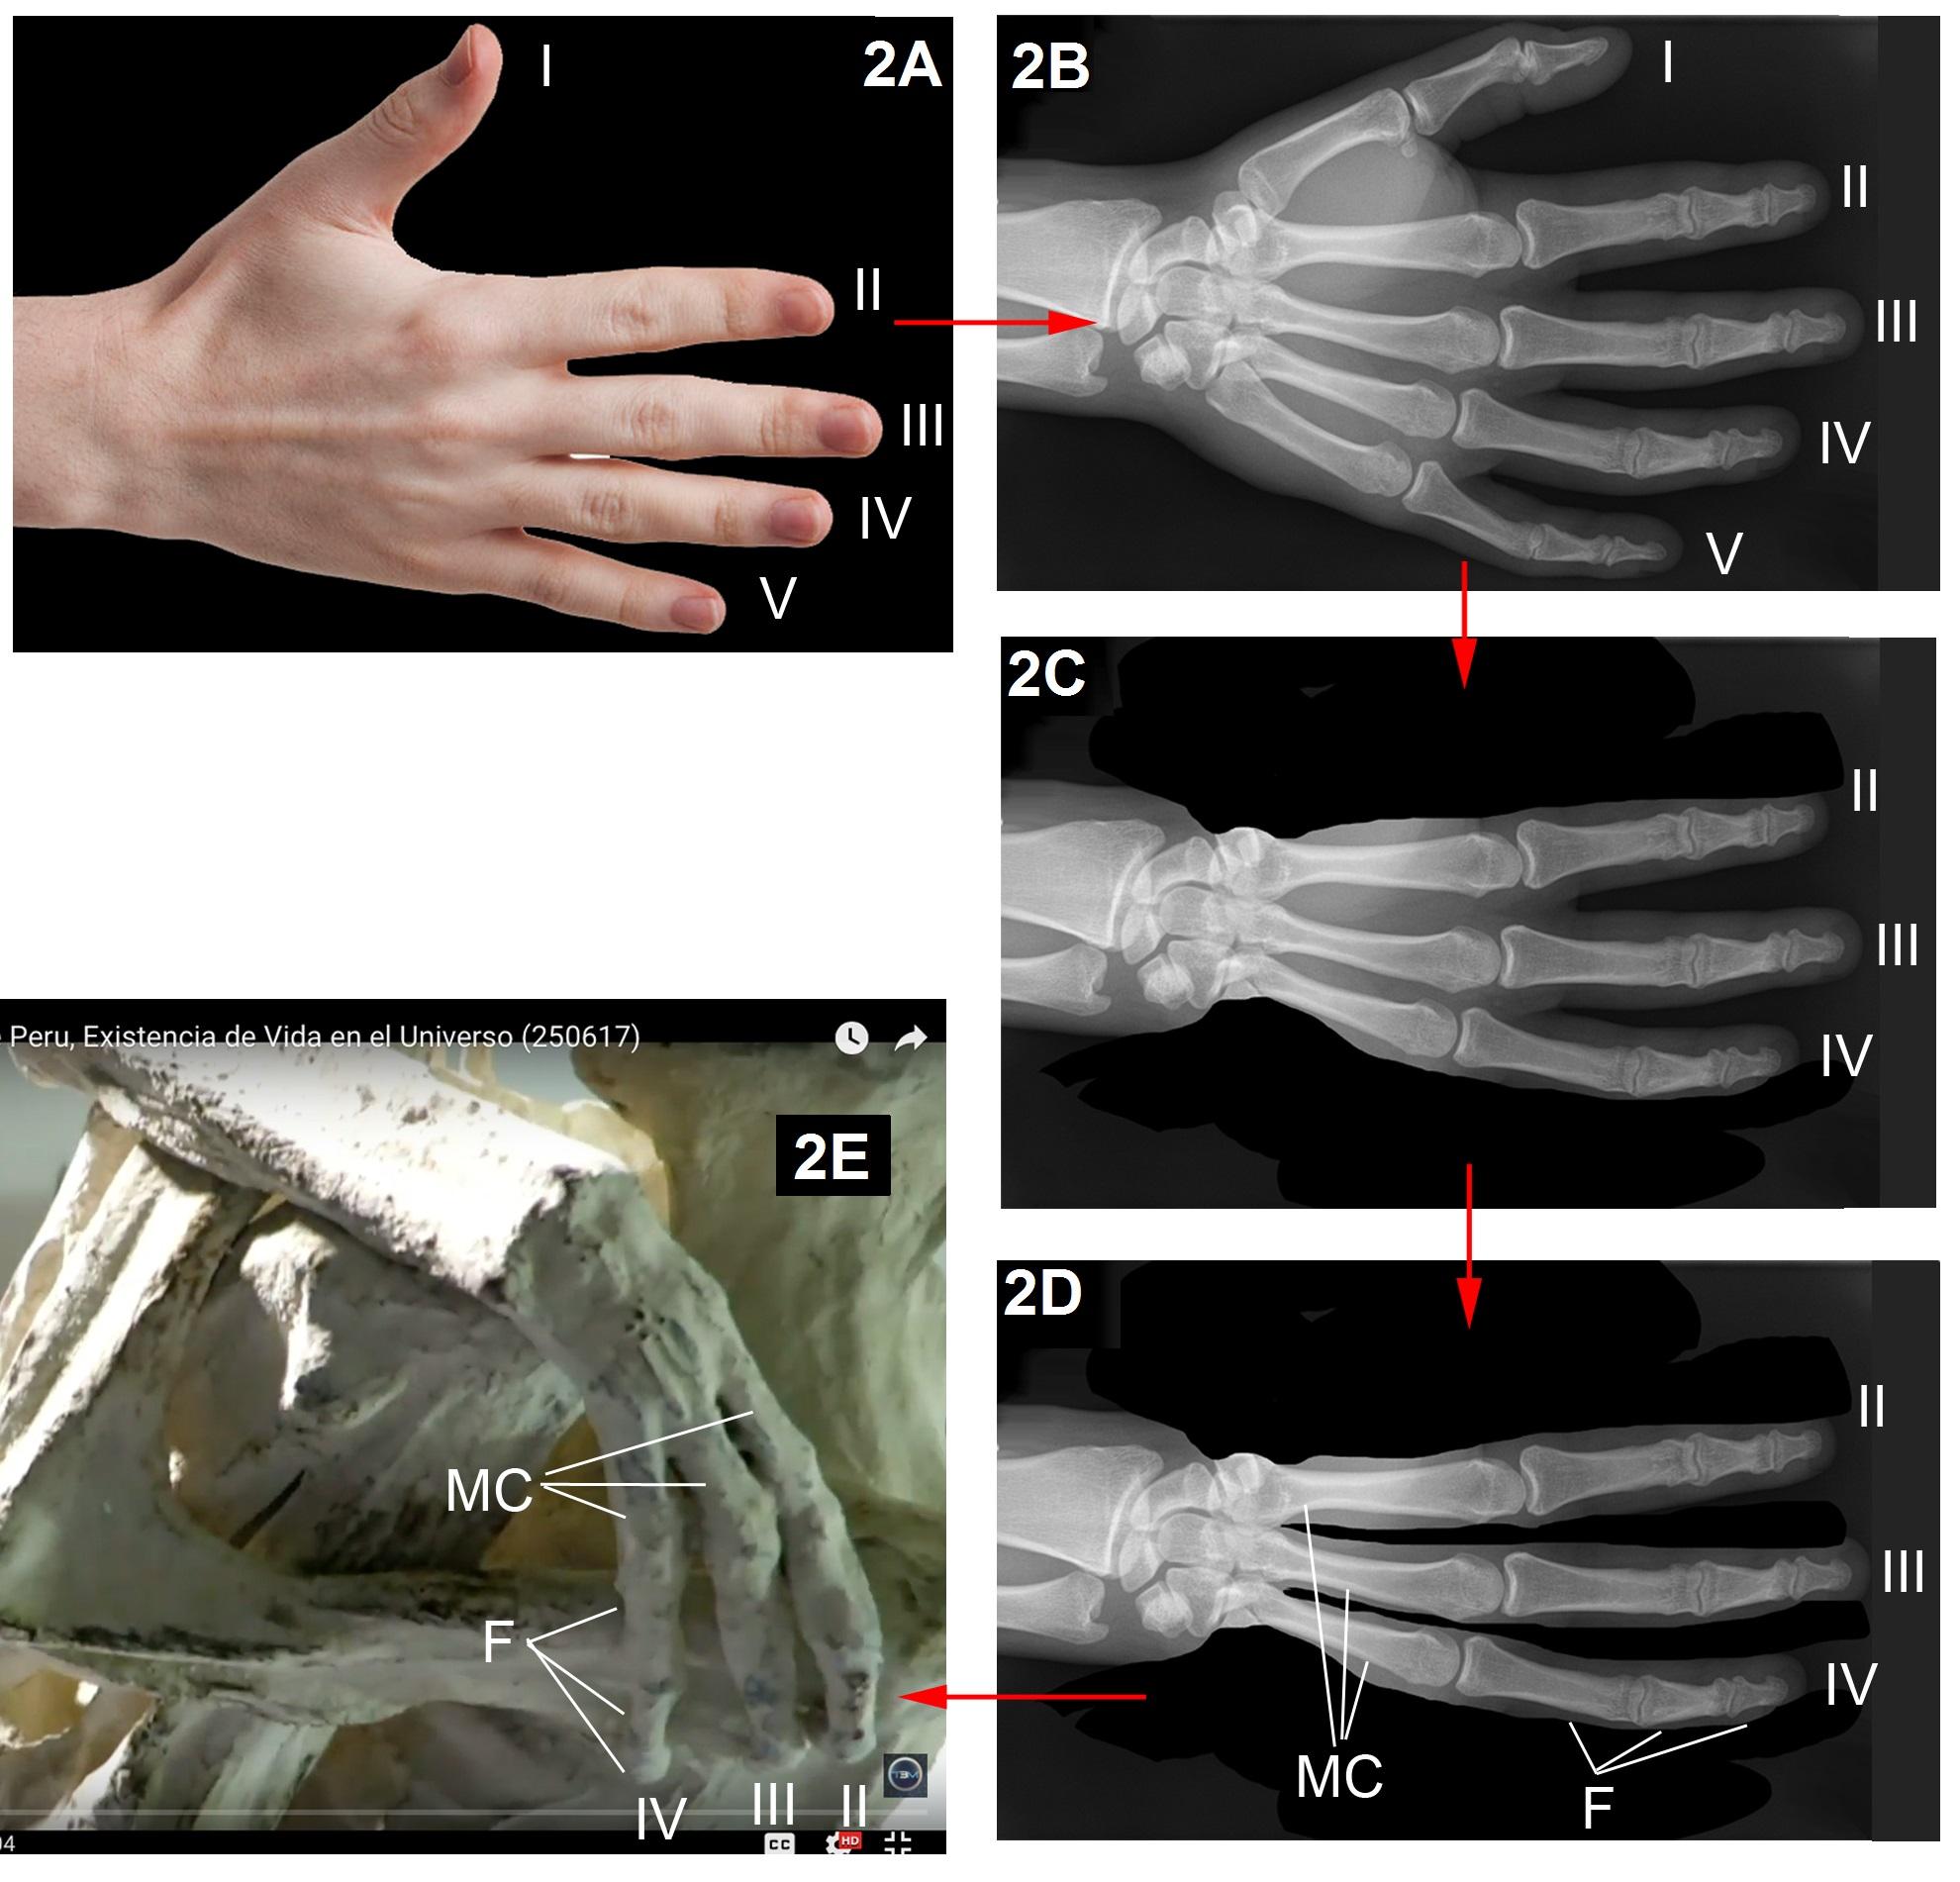 Figura 2. Fuente: Wikimedia Radiografía de una mano humana: By Hellerhoff – Own work, CC BY-SA 3.0 y Foto de mano humana: By Evan-Amos – Own work.